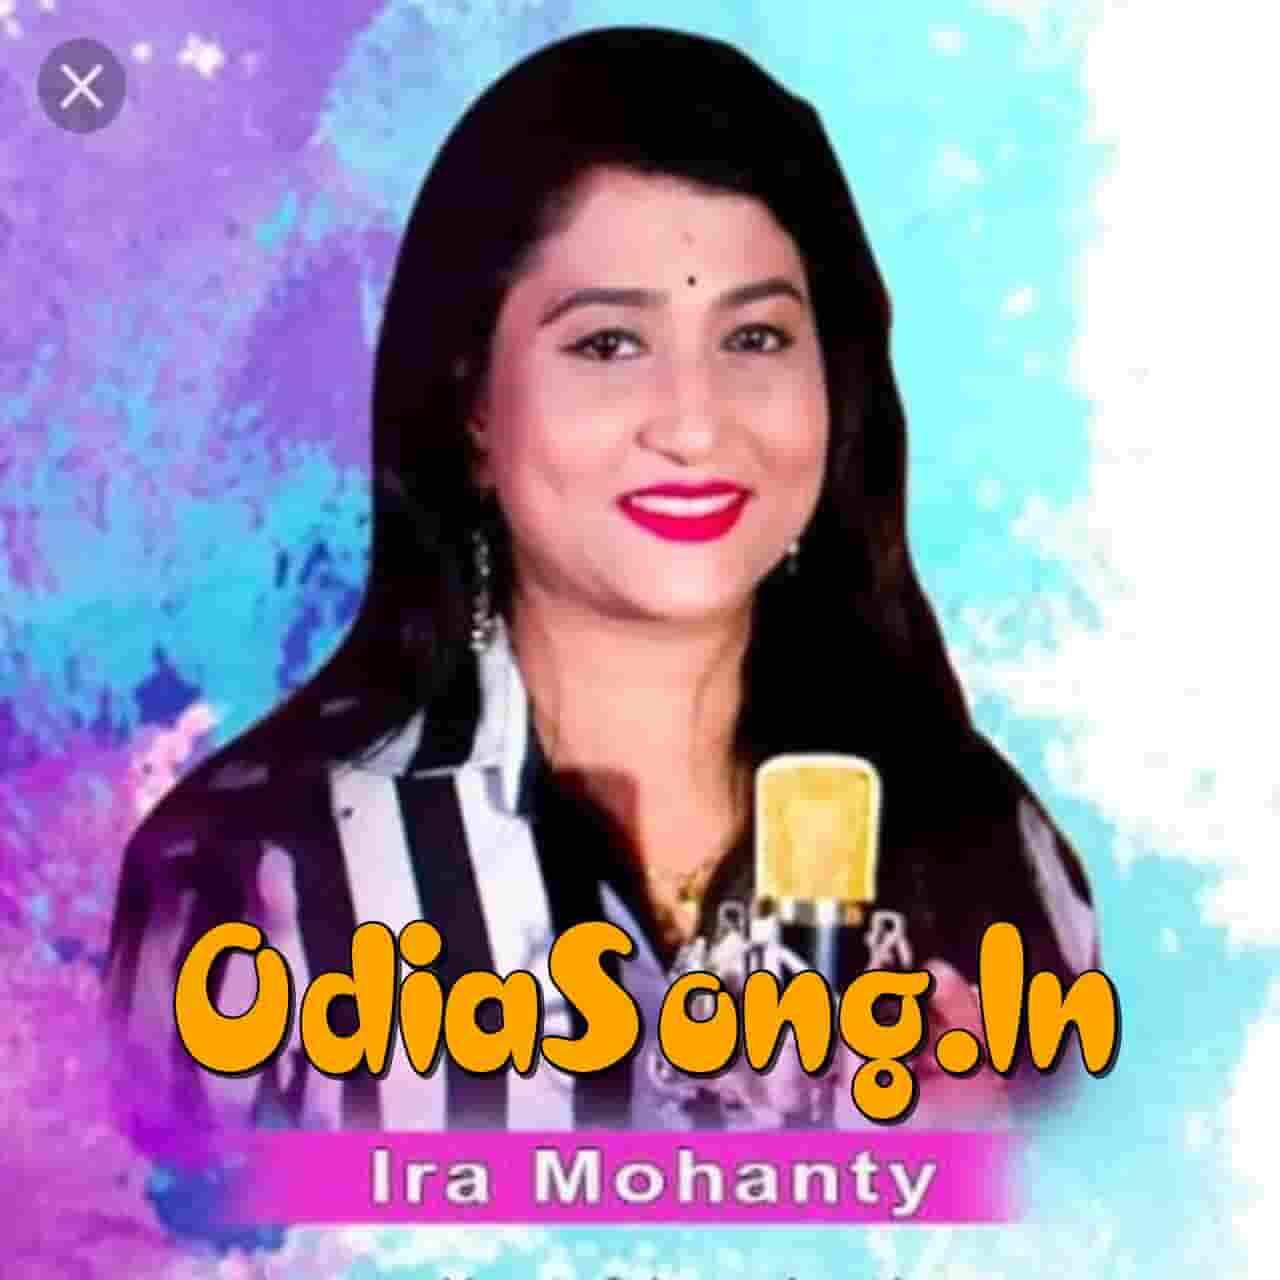 Mo Mana Laphapa - Ira Mohanty